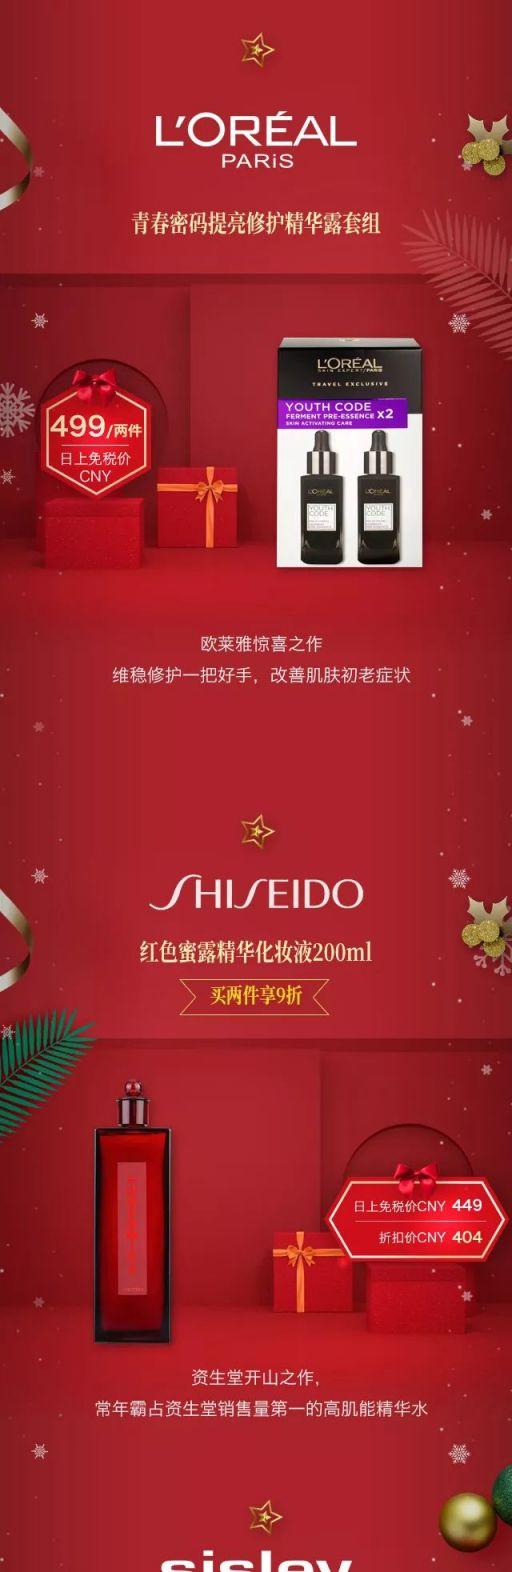 上海日上免税行12月圣诞新片抢�L沙屏障先看 ( 附价格)